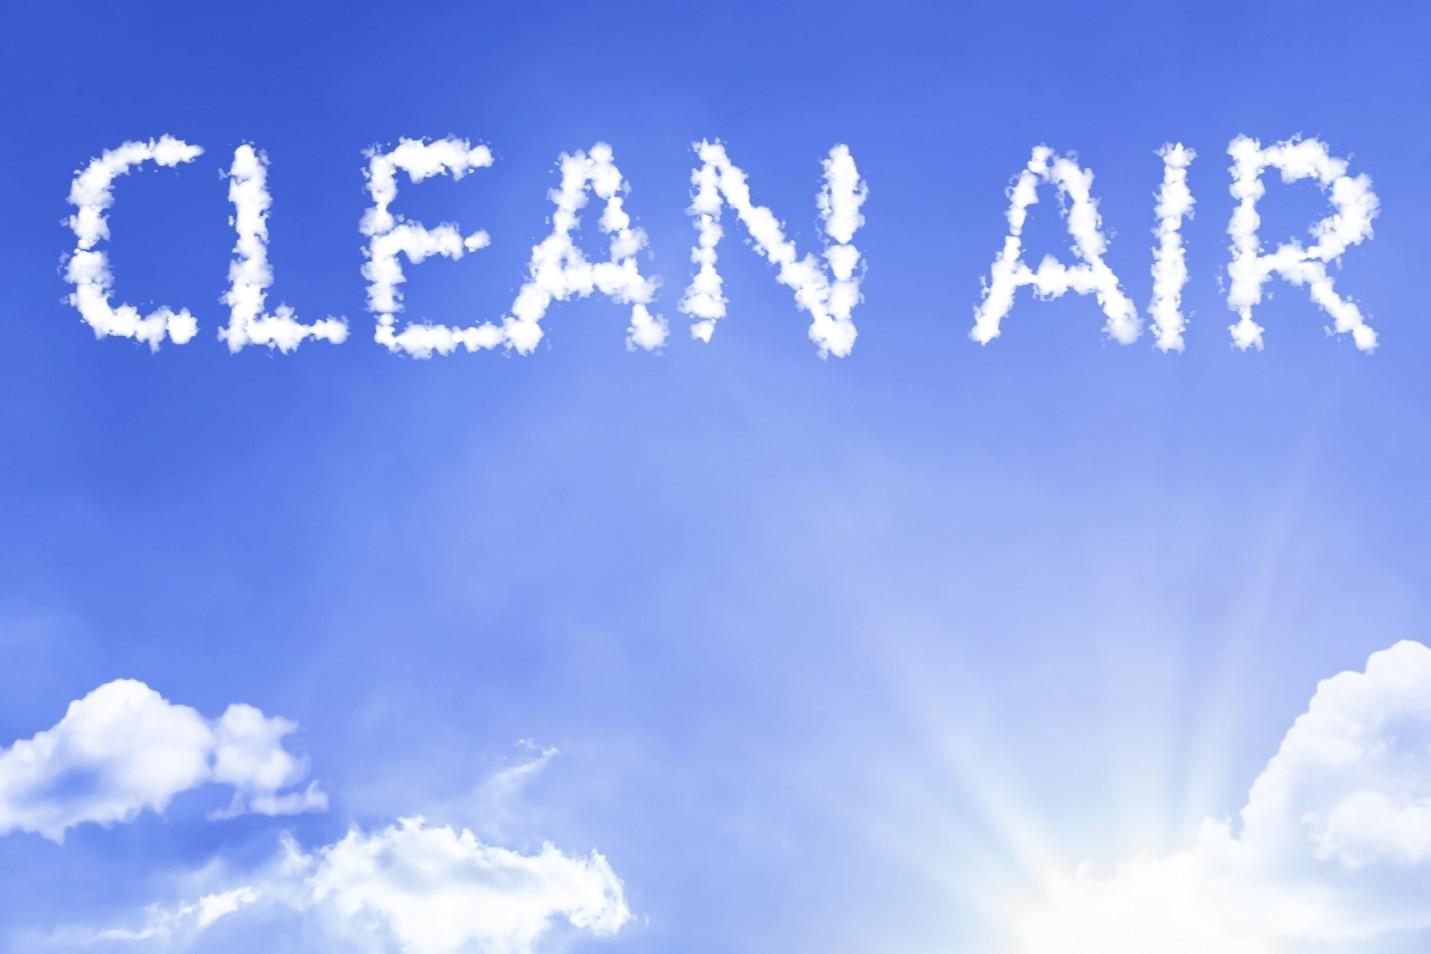 cleanair skywriting